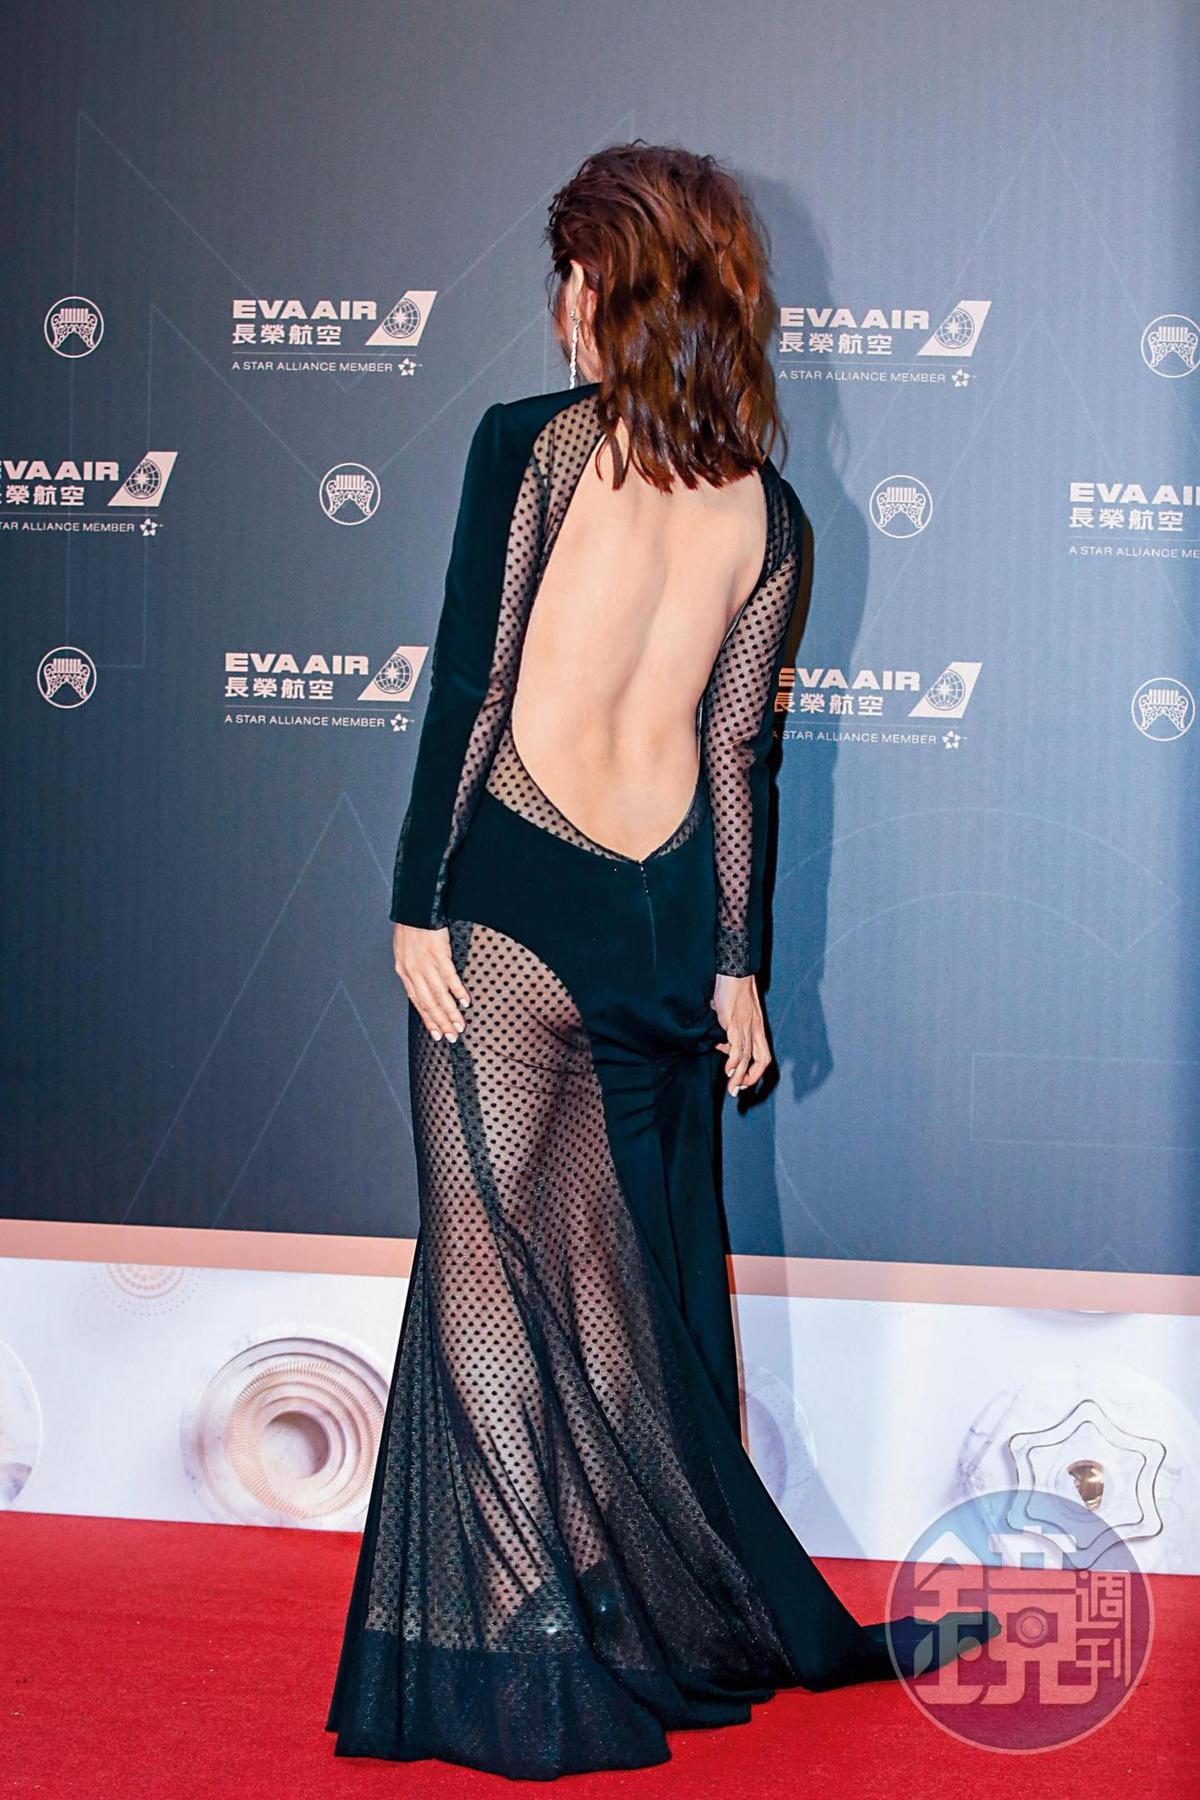 王彩樺身上這件,很像陳美鳳出席典禮或民視除夕特別節目會選穿的造型。